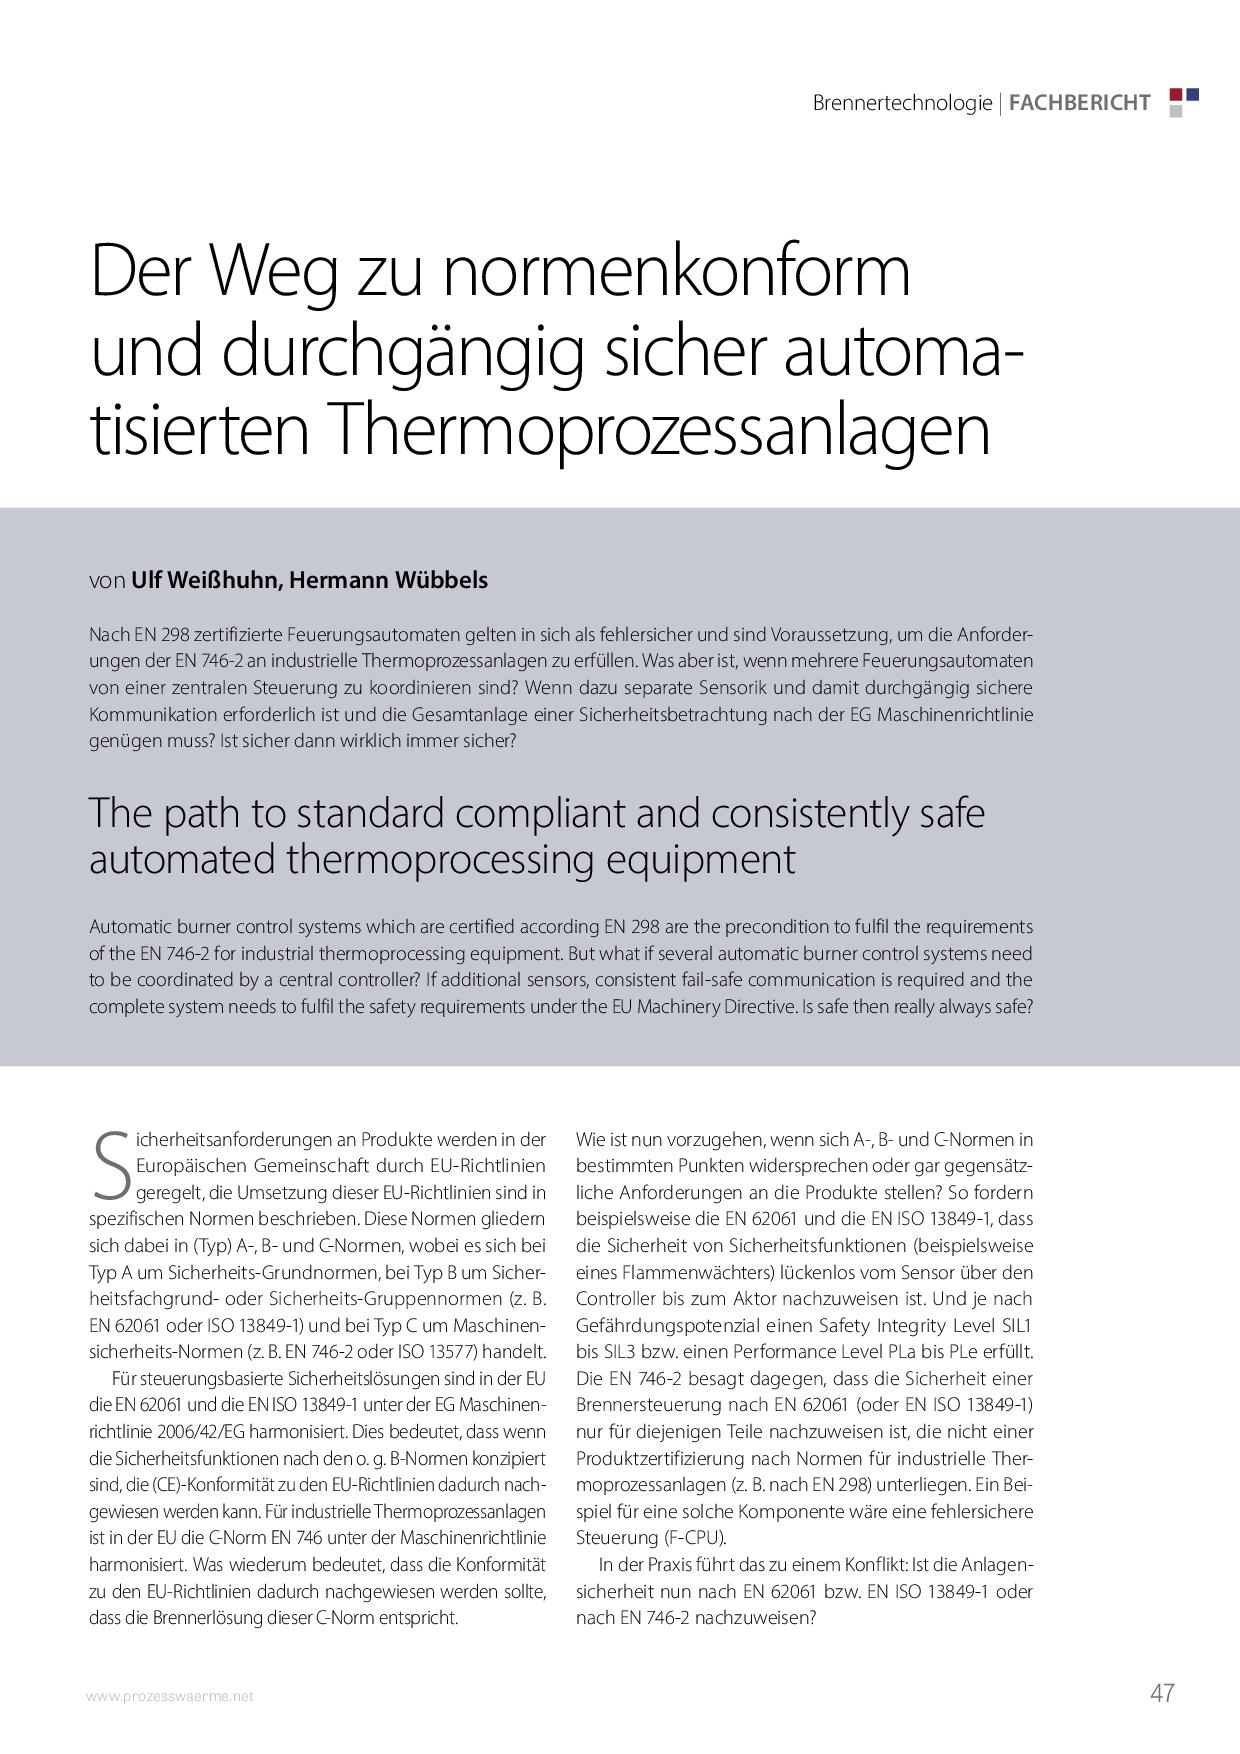 Der Weg zu normenkonform und durchgängig sicher automatisierten Thermoprozessanlagen